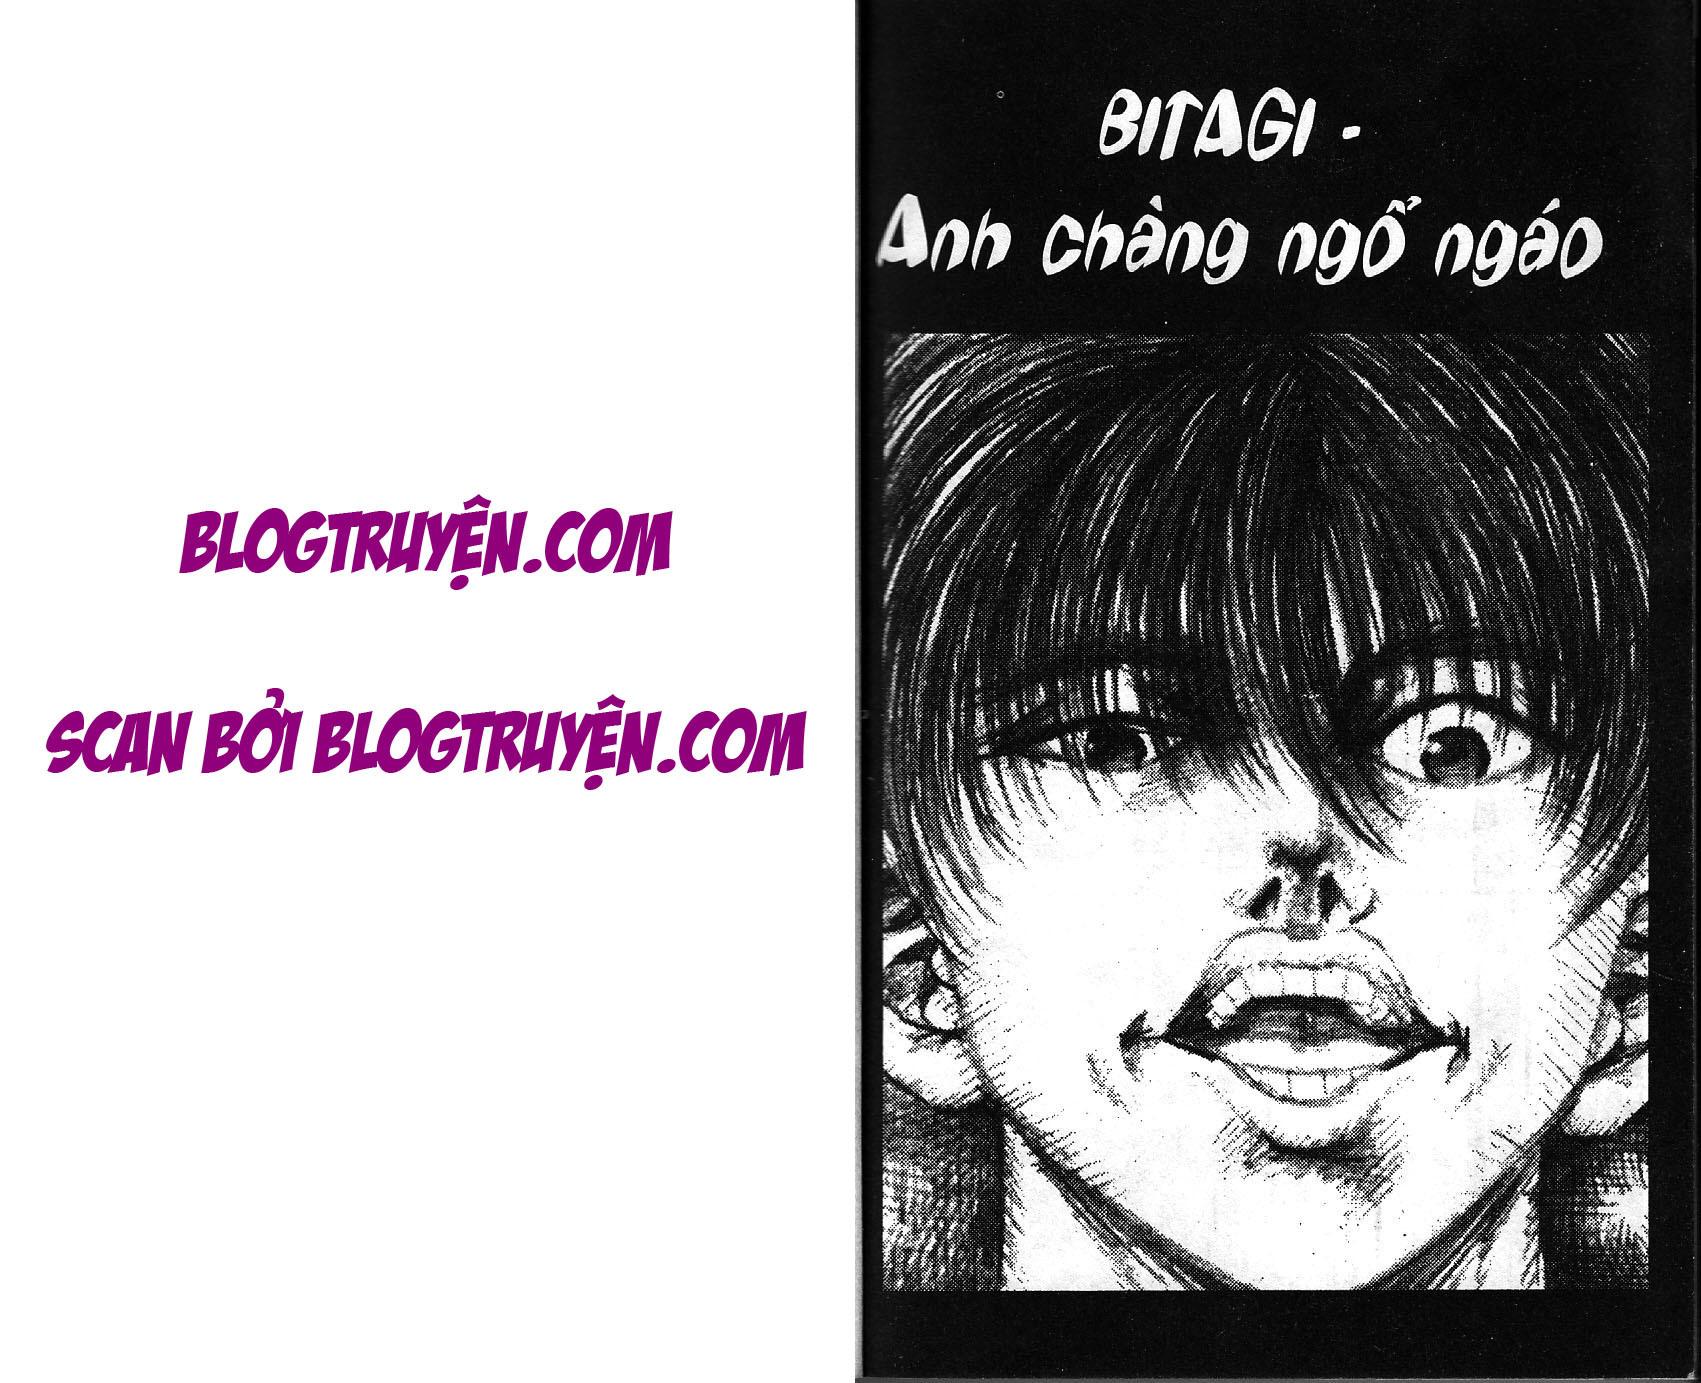 Bitagi - Anh chàng ngổ ngáo chap 22 trang 3